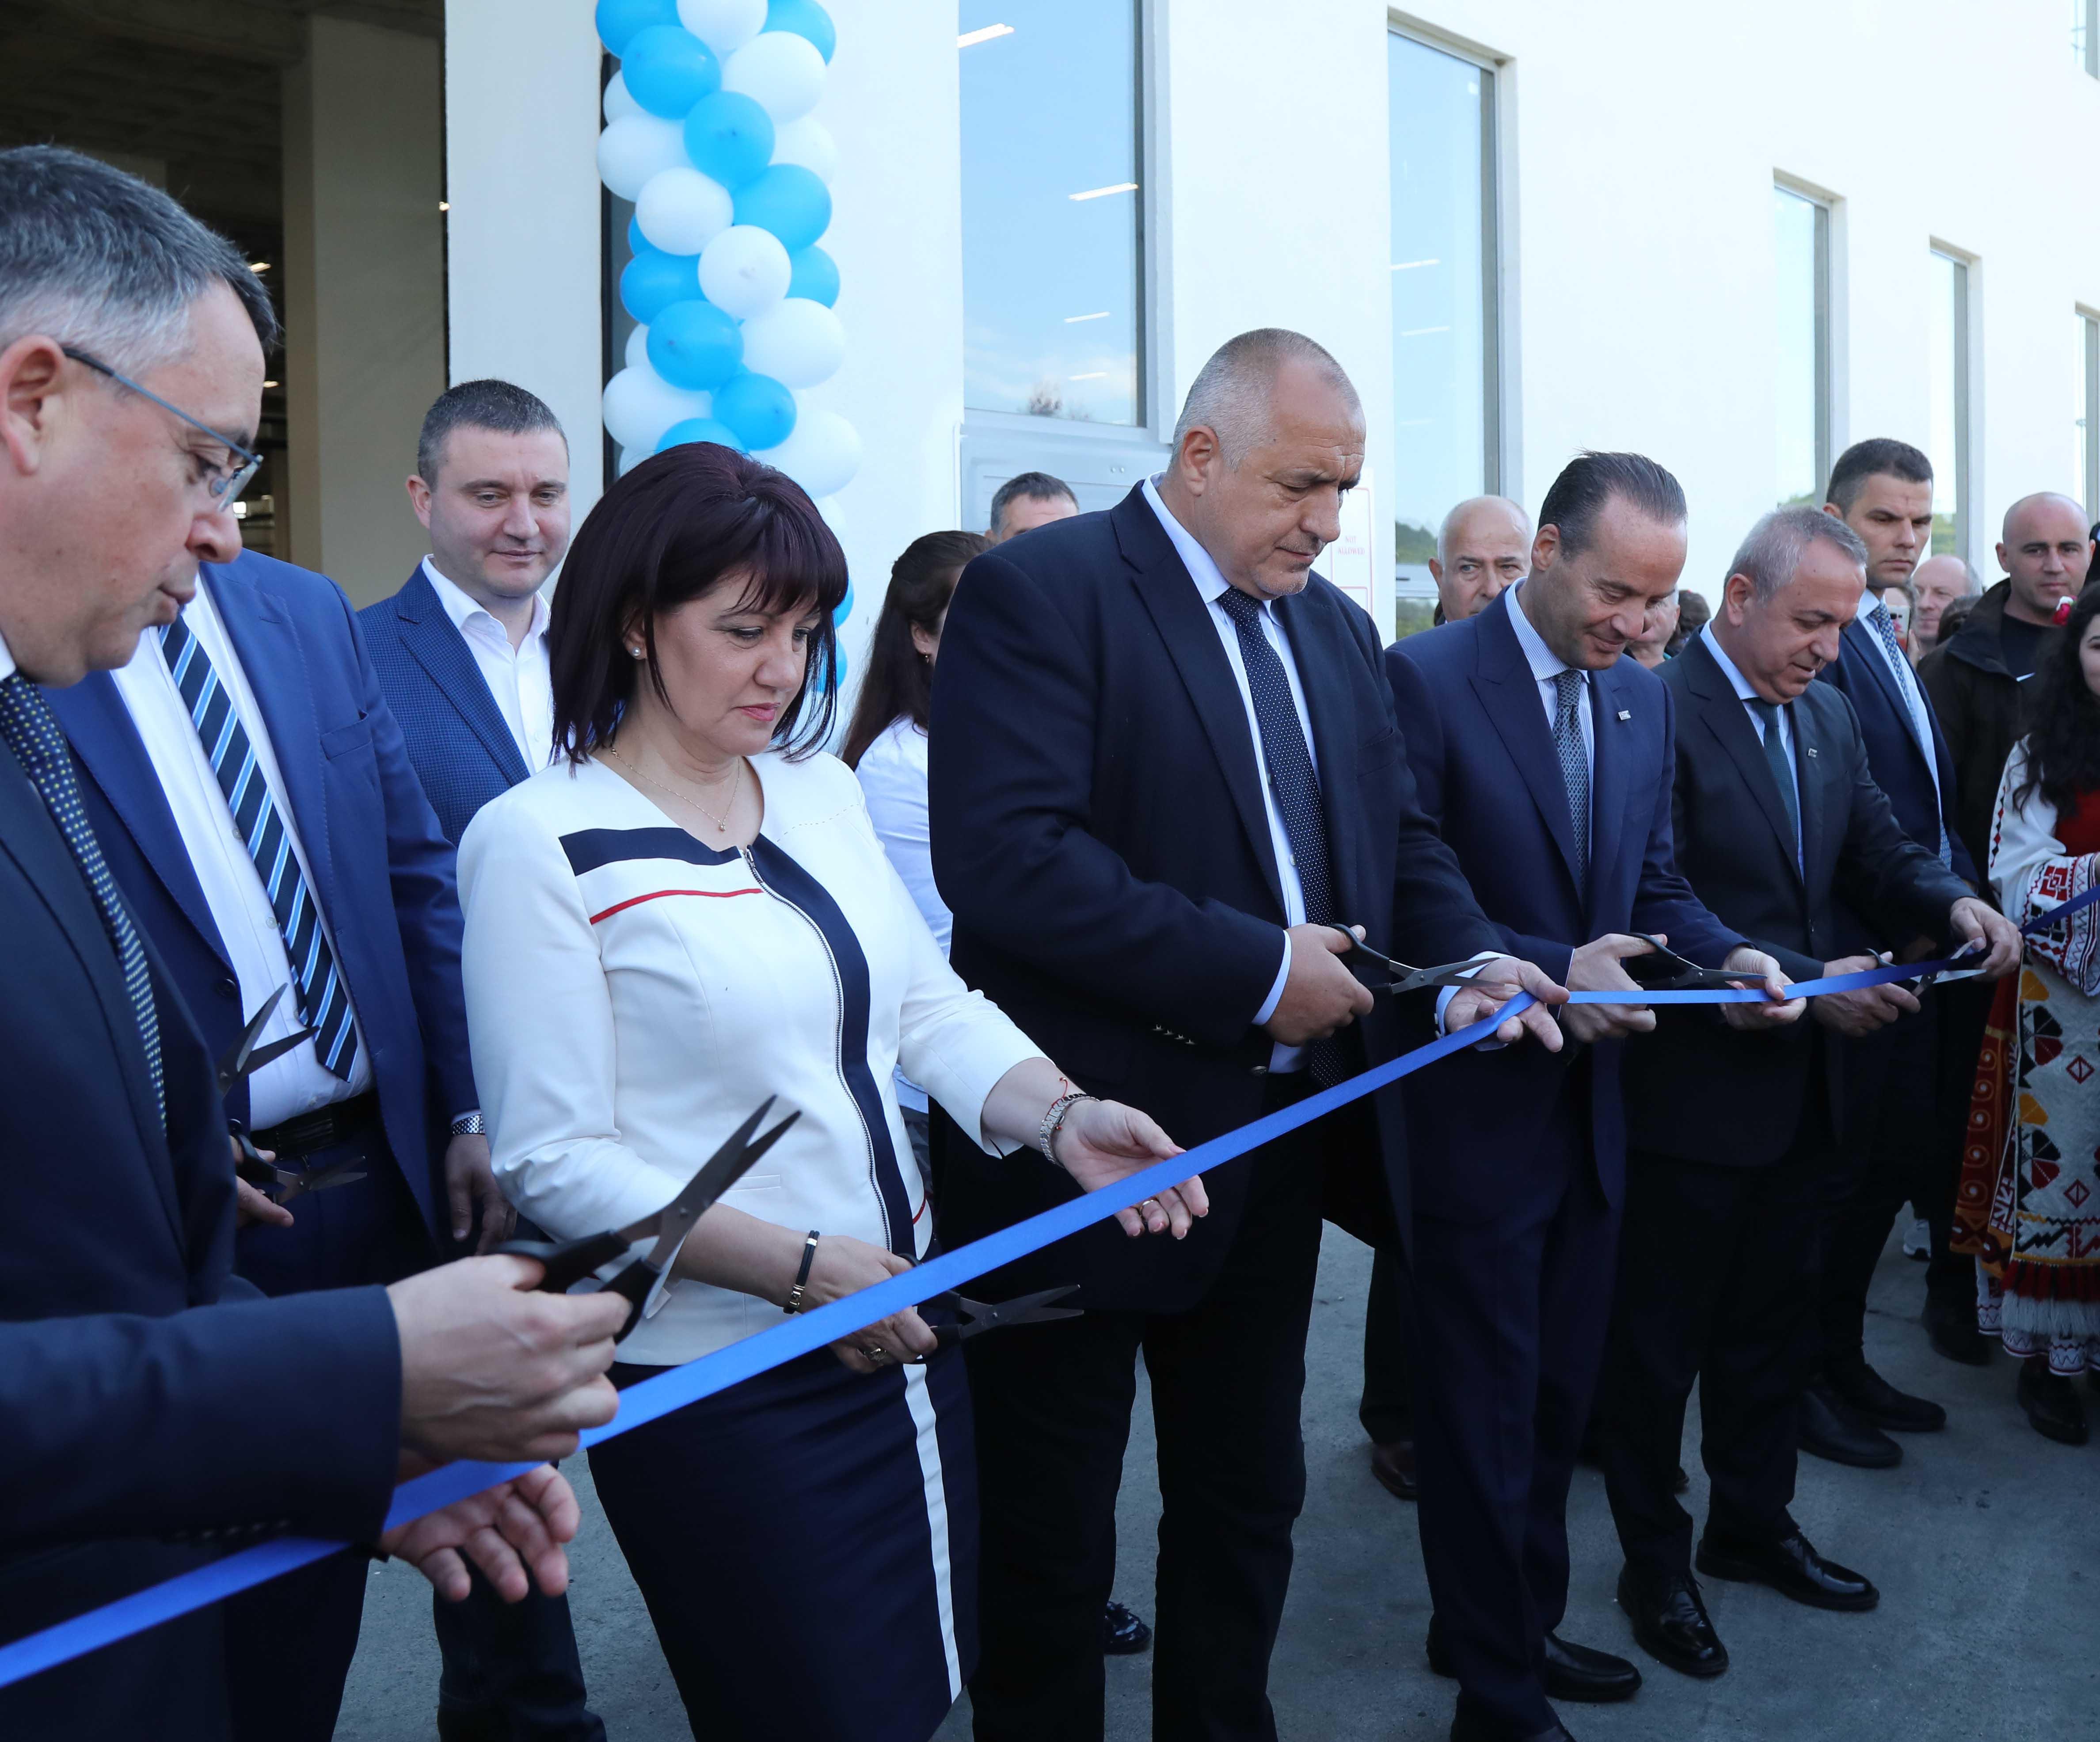 В Кърджали премиерът присъства на откриването на четвърти завод на компания, произвеждаща изделия за автомобилостроенето